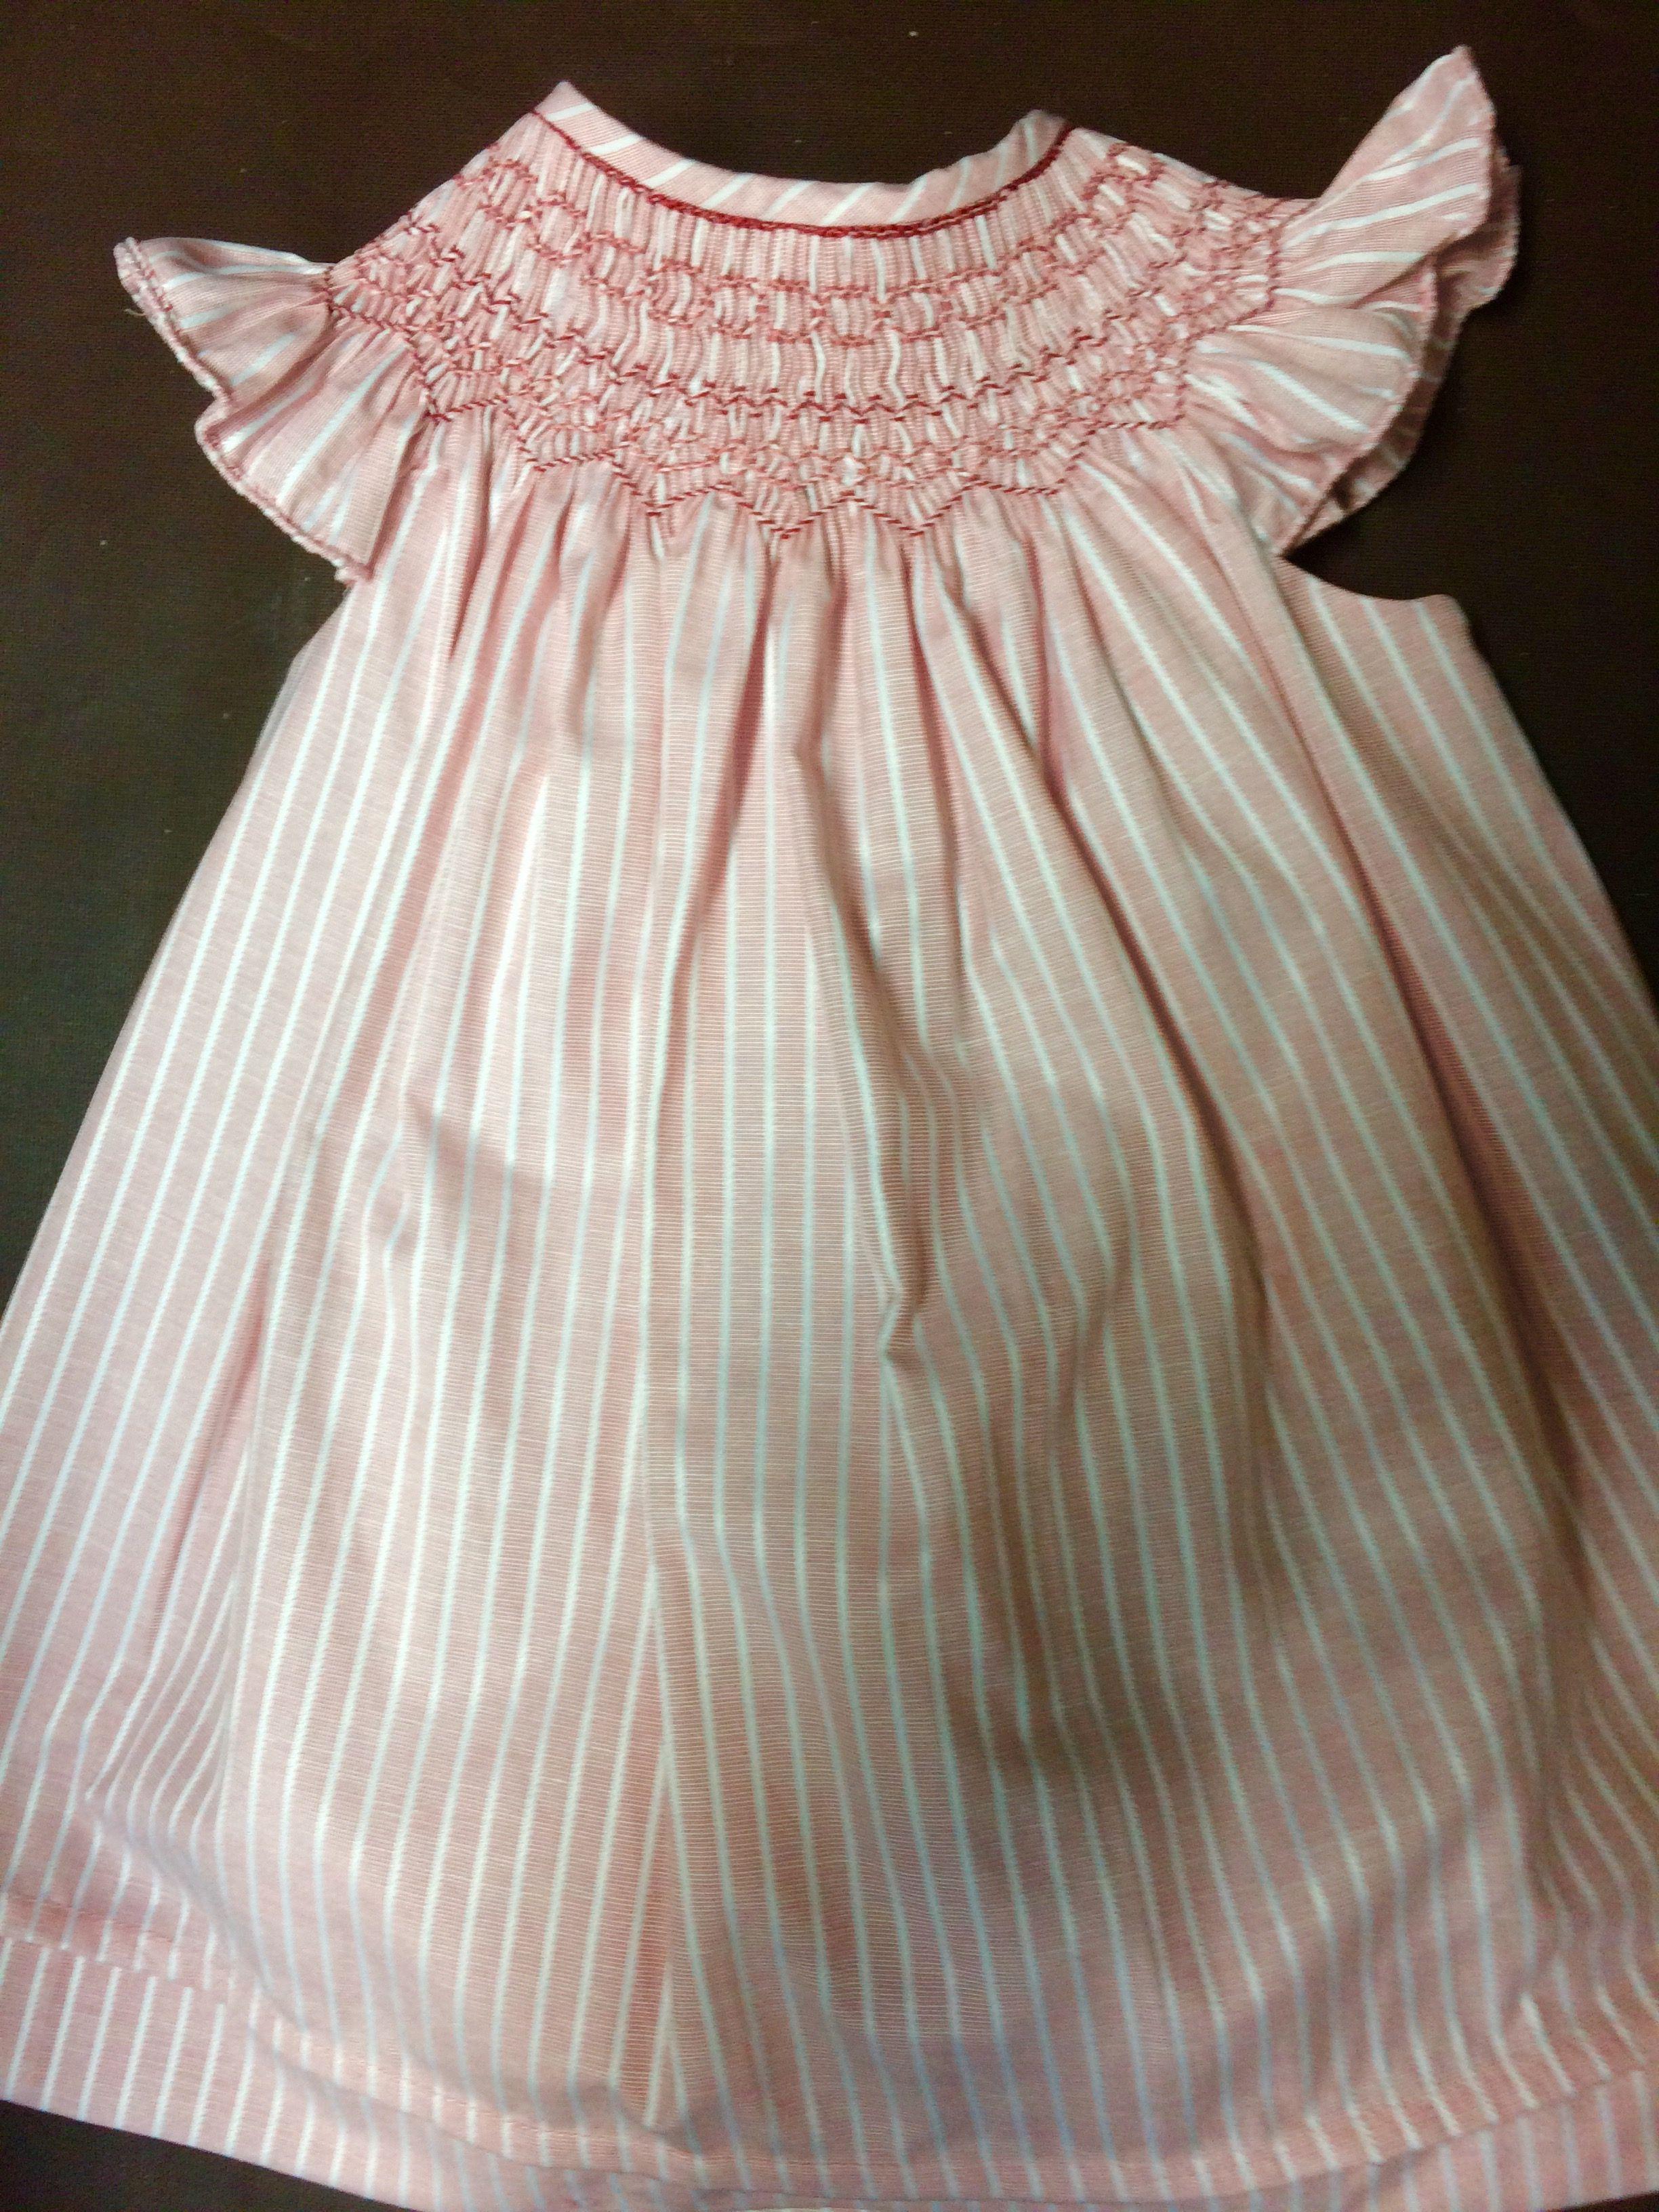 bfef8fe35 Algodón de rayas rosa viejo y blanco. Jesusito bordado en rosado. Alumna  Mayo 2017